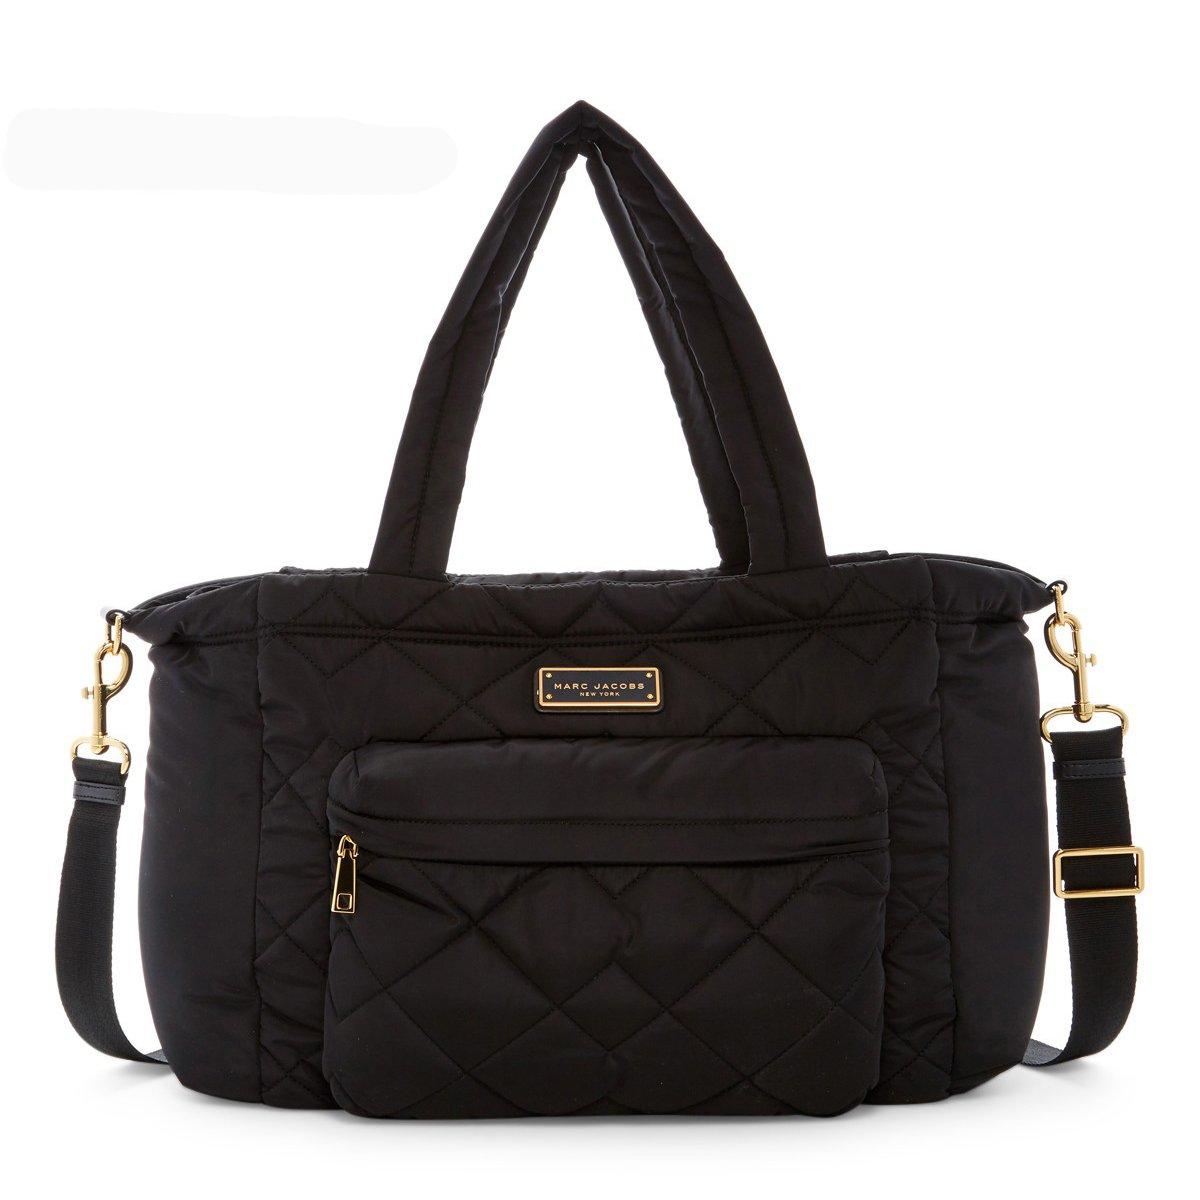 マークジェイコブス キルティング ナイロン マザーズバッグ Marc Jacobs Quilted Nylon Baby Bag [並行輸入品] B07DMJJV1G